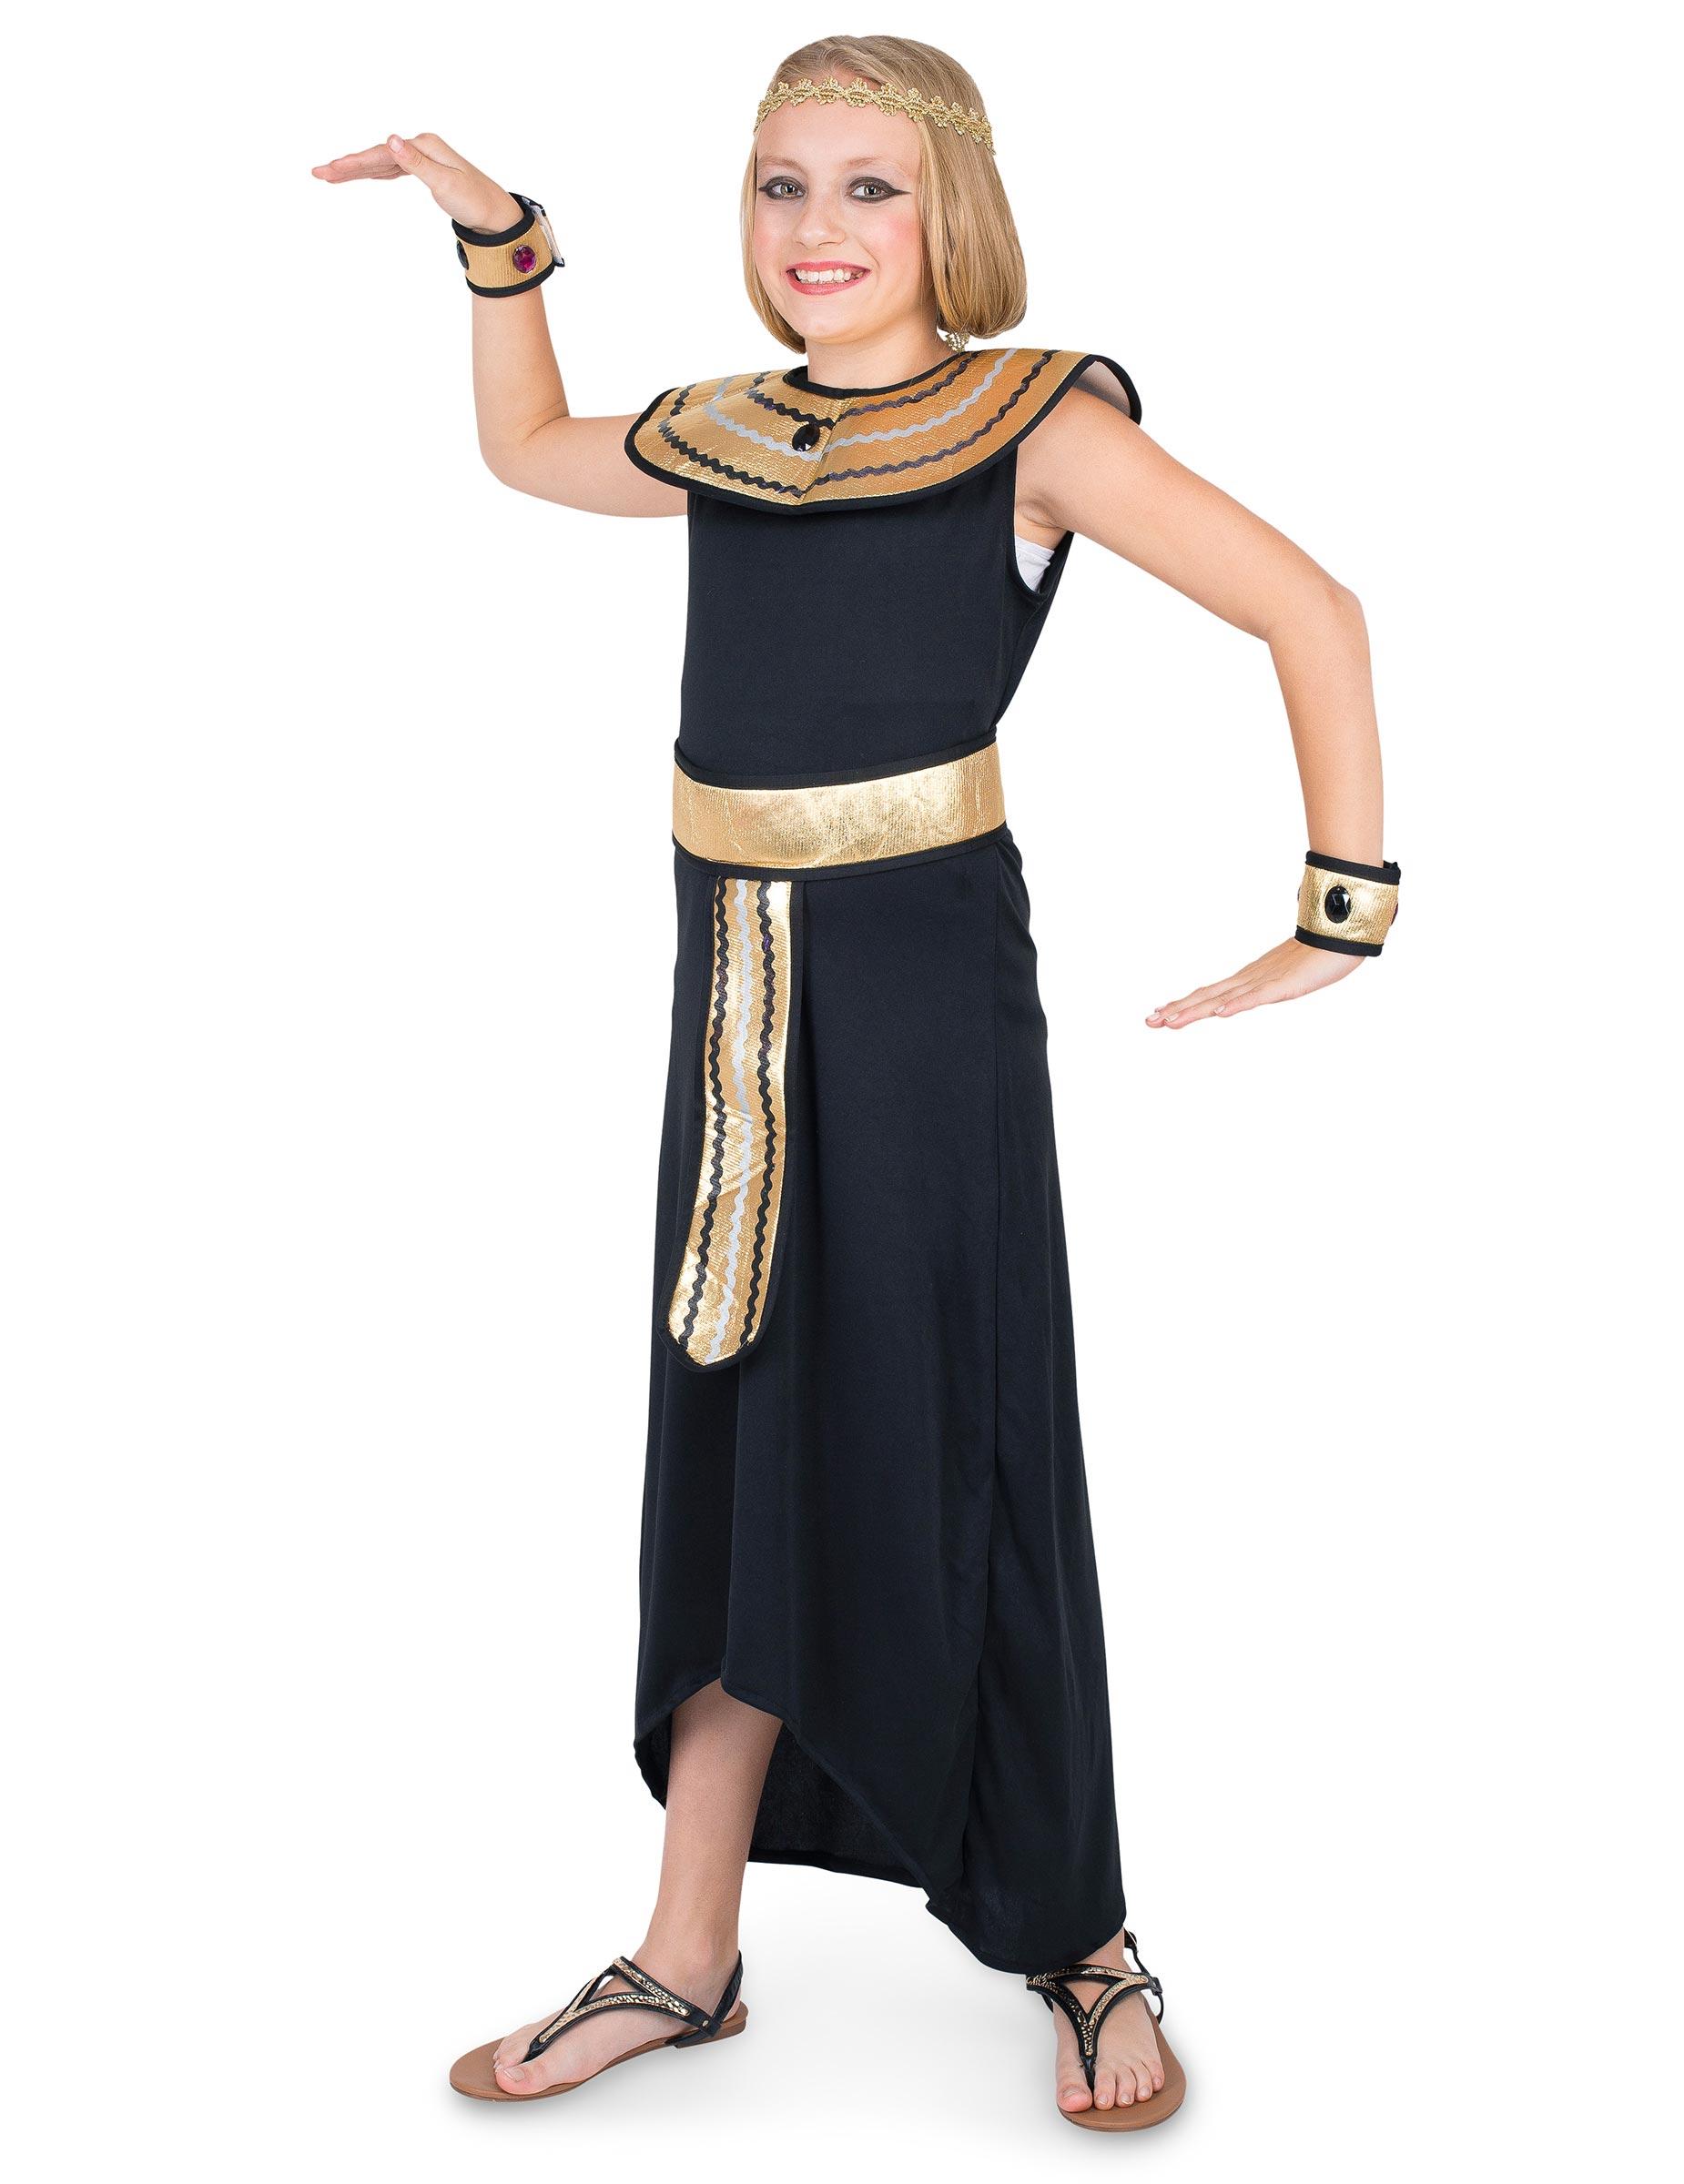 72e606c28 Disfarce Egípcia rainha do Nilo menina  Disfarces Crianças ...